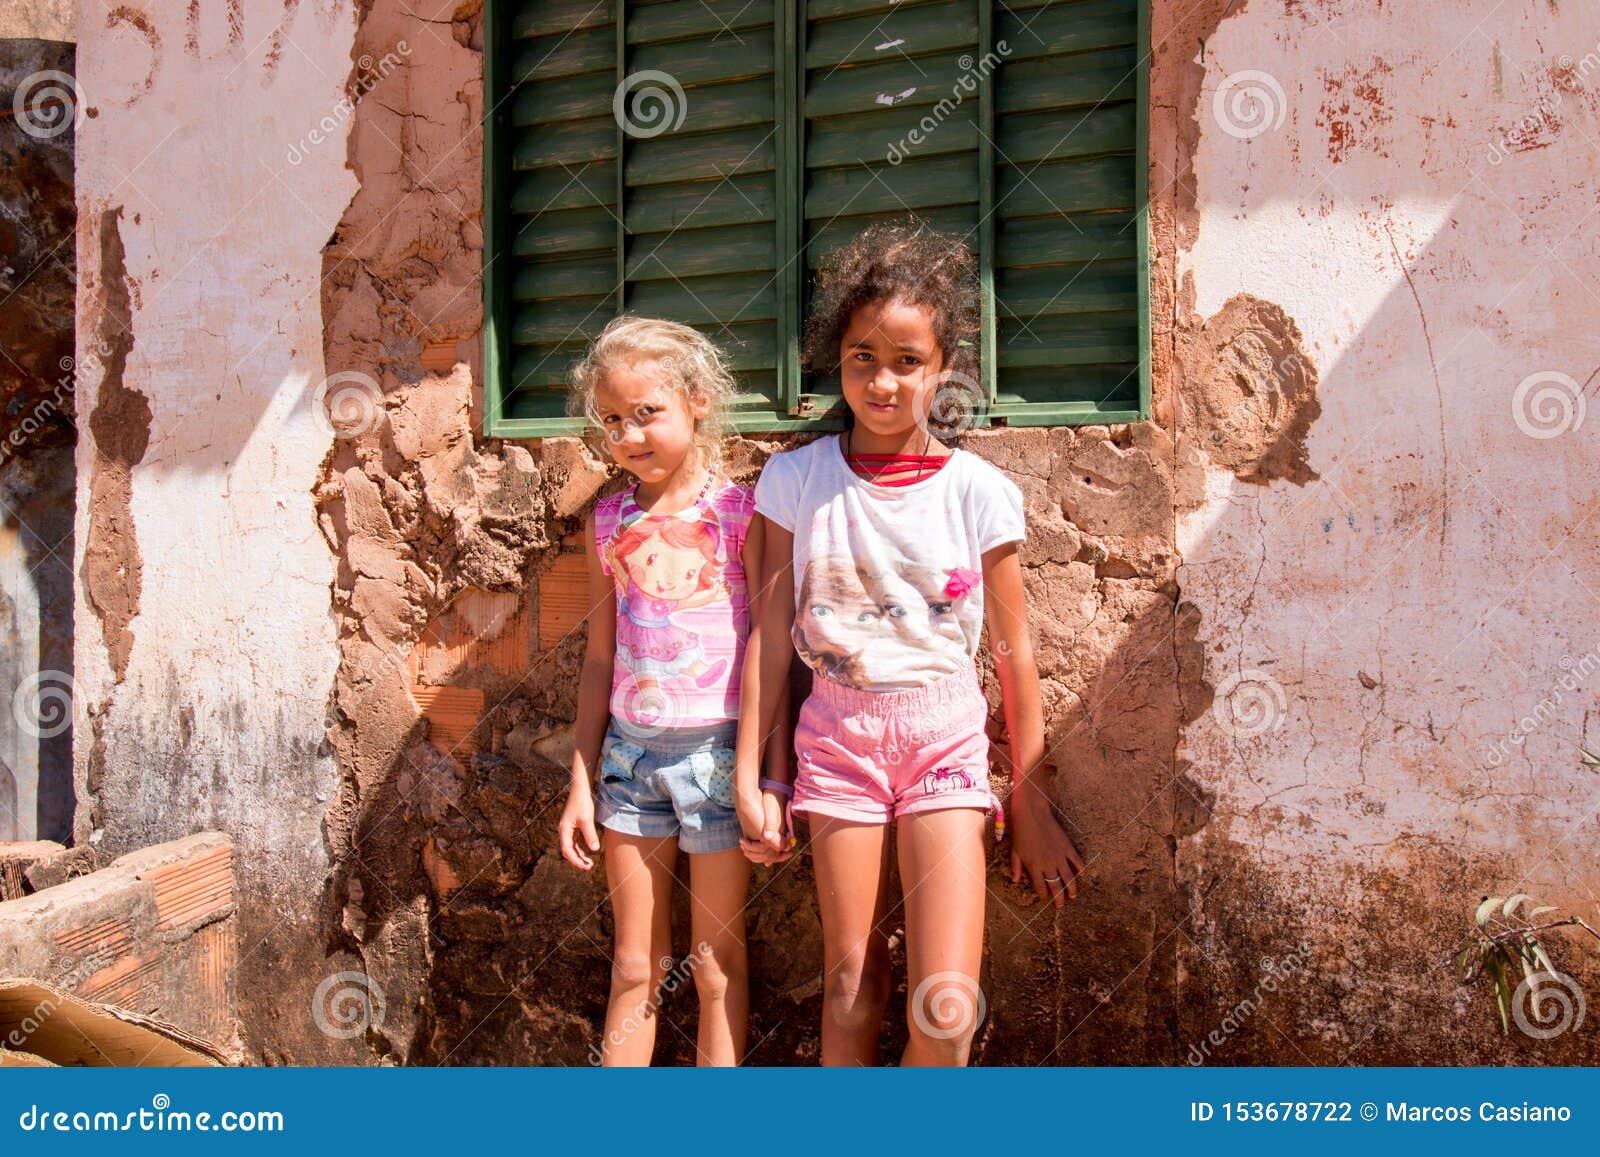 Planaltina, Goias, Brasilien 13. Juli 2018: Zwei Schwestern, die vor ihrem Haus stehen